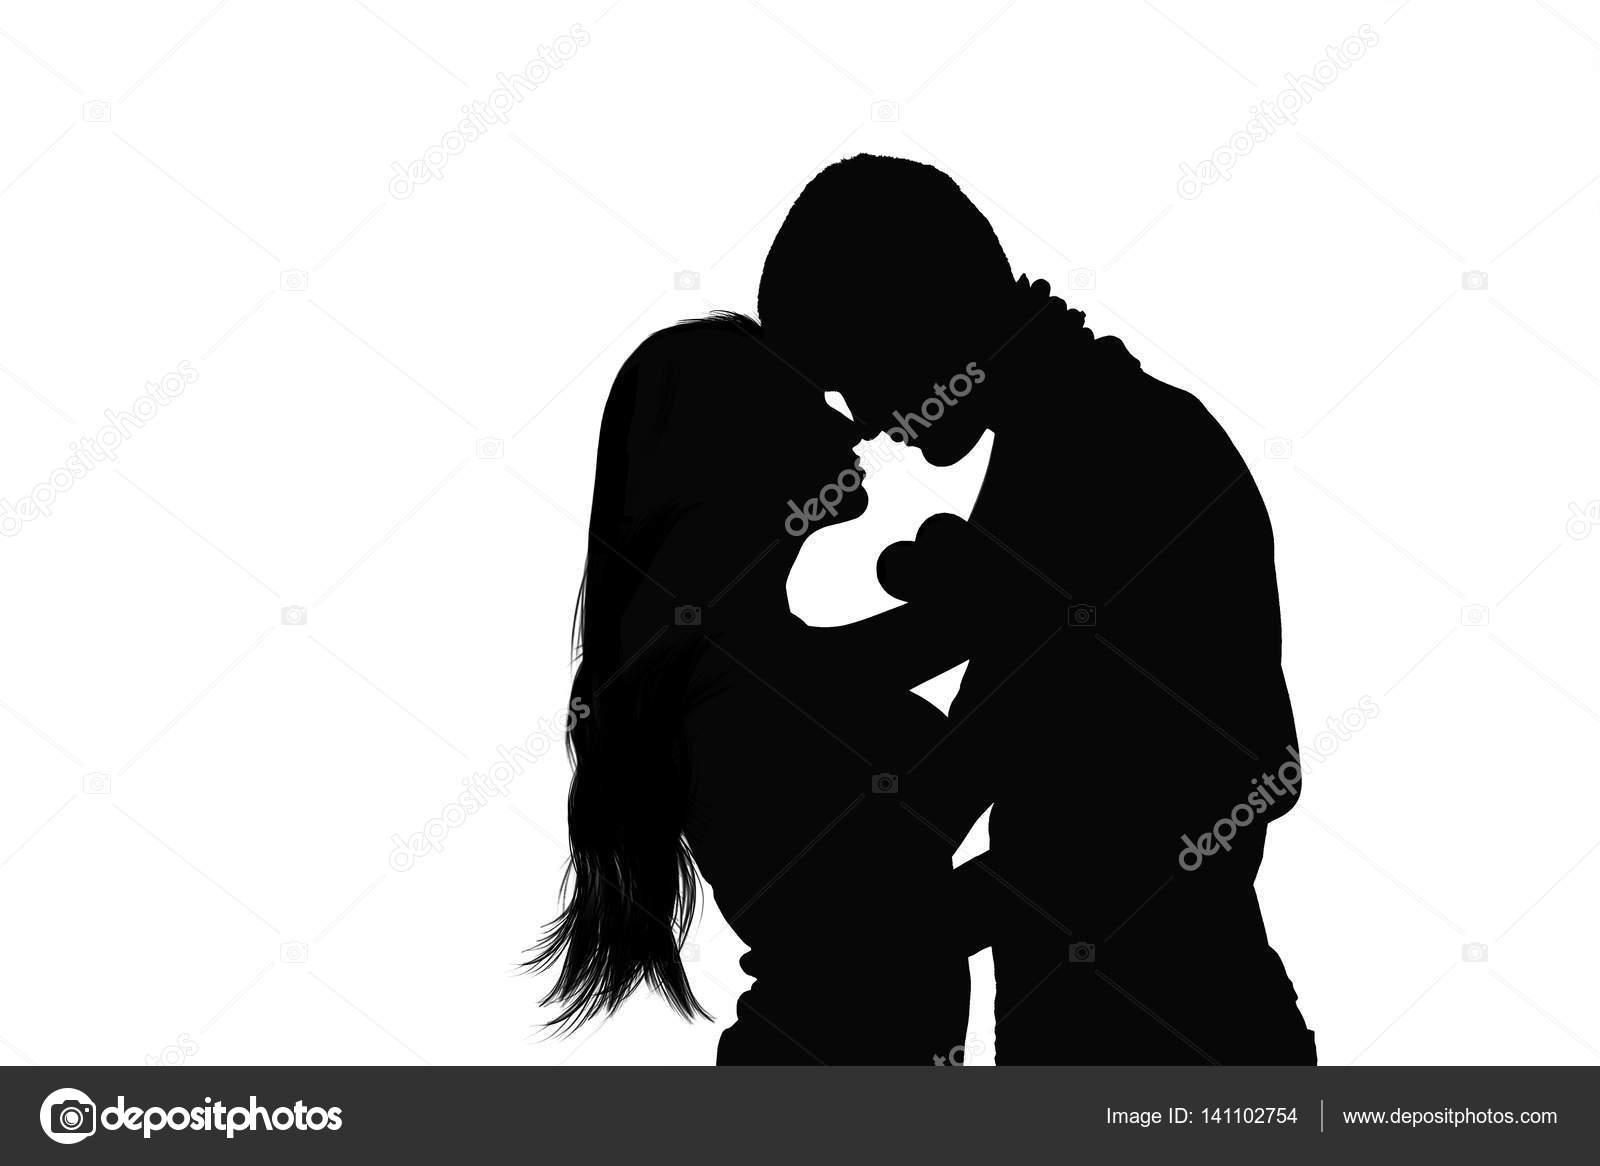 Silueta De Dos Personas Enamoradas Silueta Negra De Una Pareja